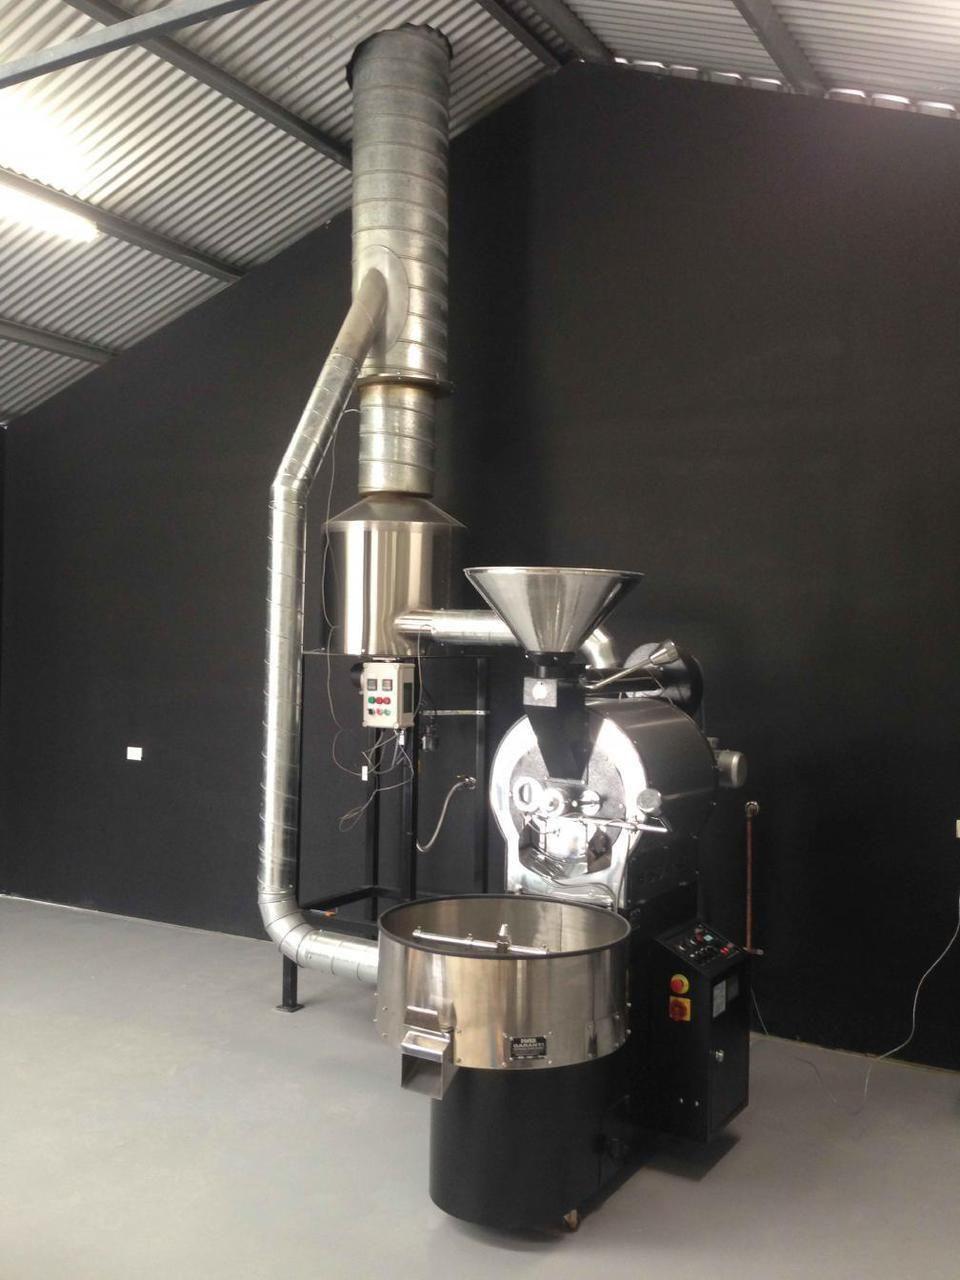 Cra Afterburner 15kg 30kg Coffee Roastery Coffee Store Coffee Type